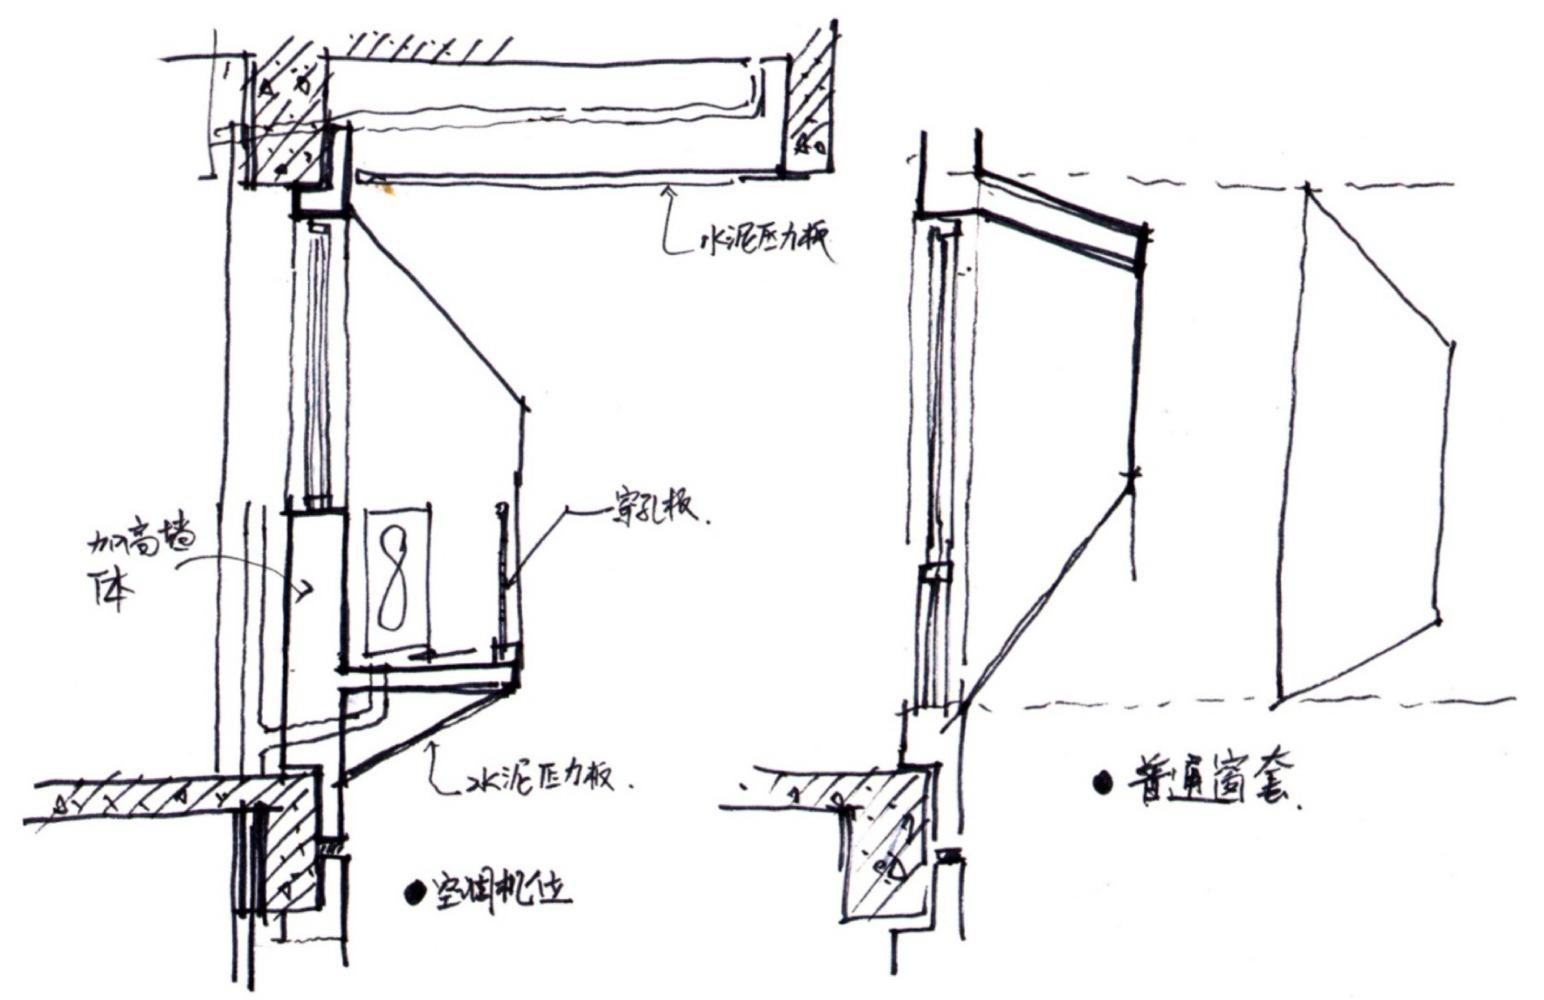 南京市丁家庄第三小学 / 南京邦建都市建筑设计事务所